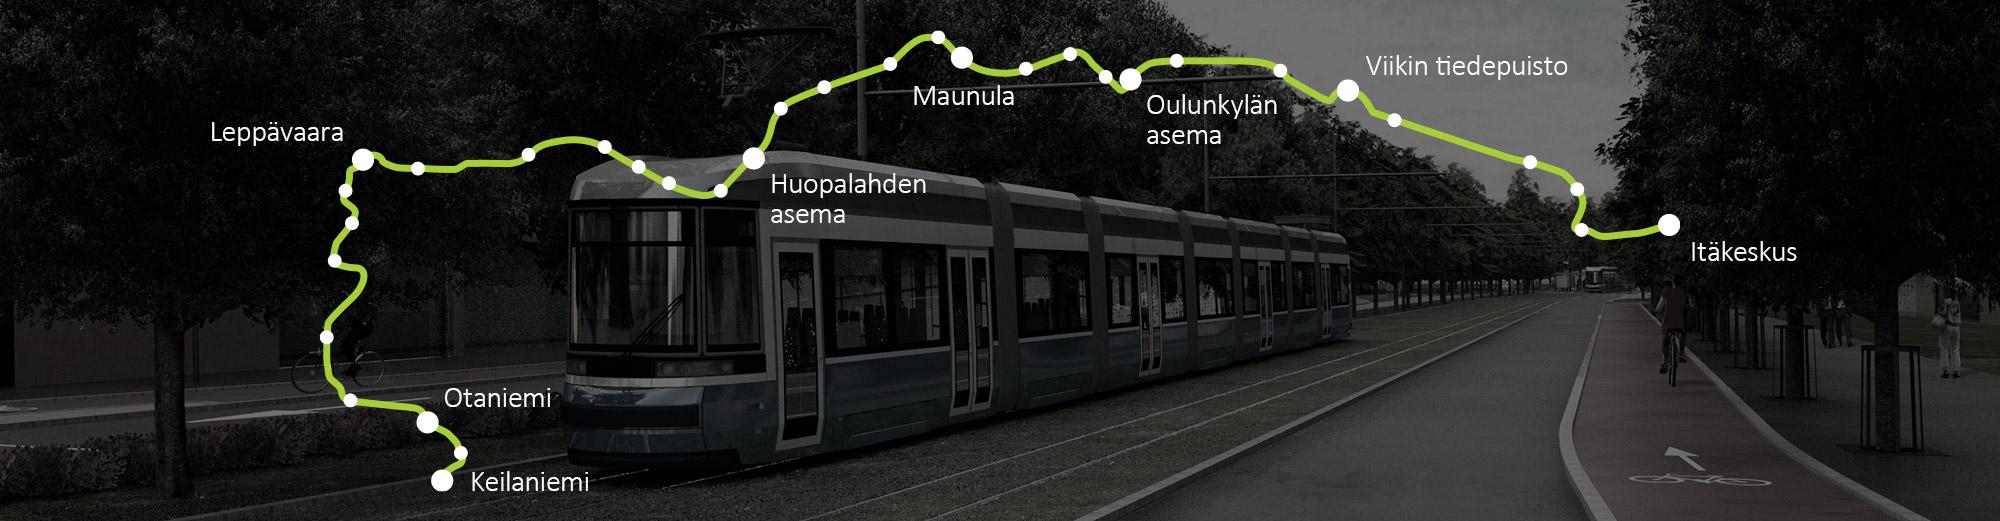 Pikaraitiolinja Raide-Jokeri tulee korvamaan nykyisen runkobussilinjan, 550:n, joka on Helsingin seudun vilkkaimmin liikennöity bussilinja.